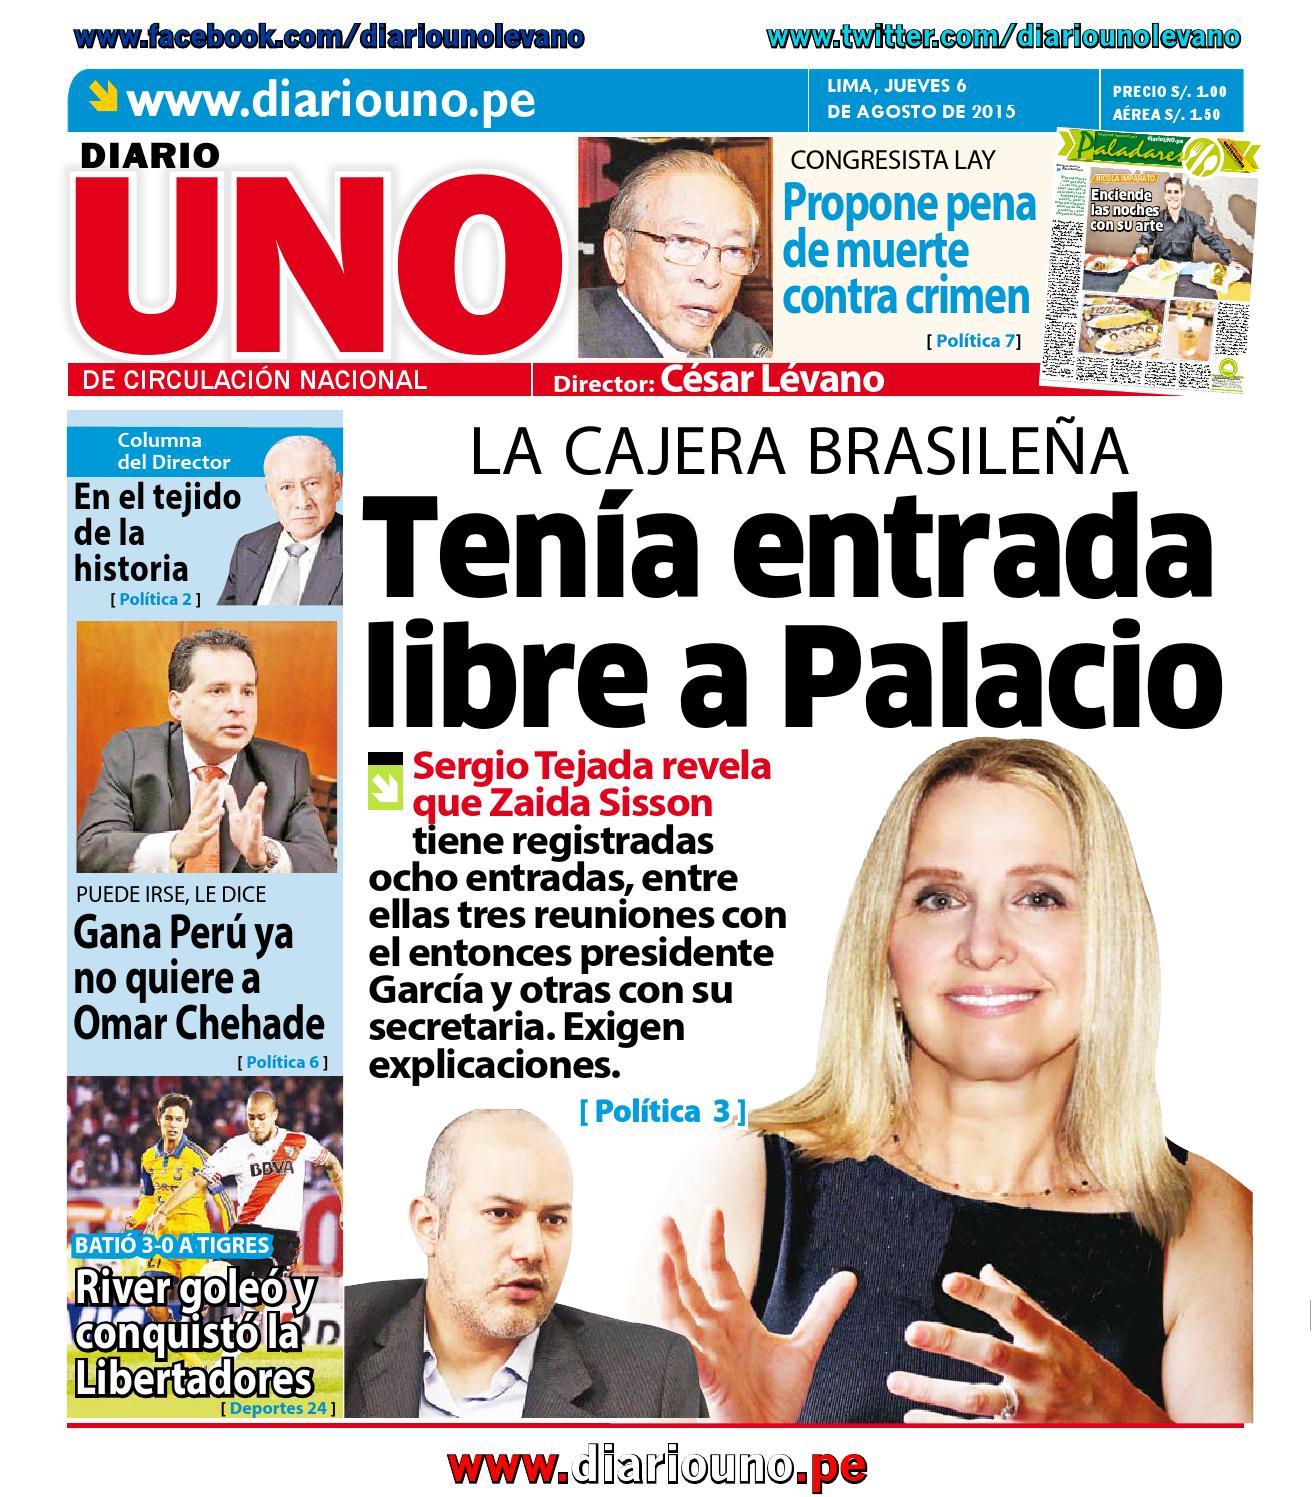 Diario UNO - 06 Agosto 2015 by Diario UNO - issuu